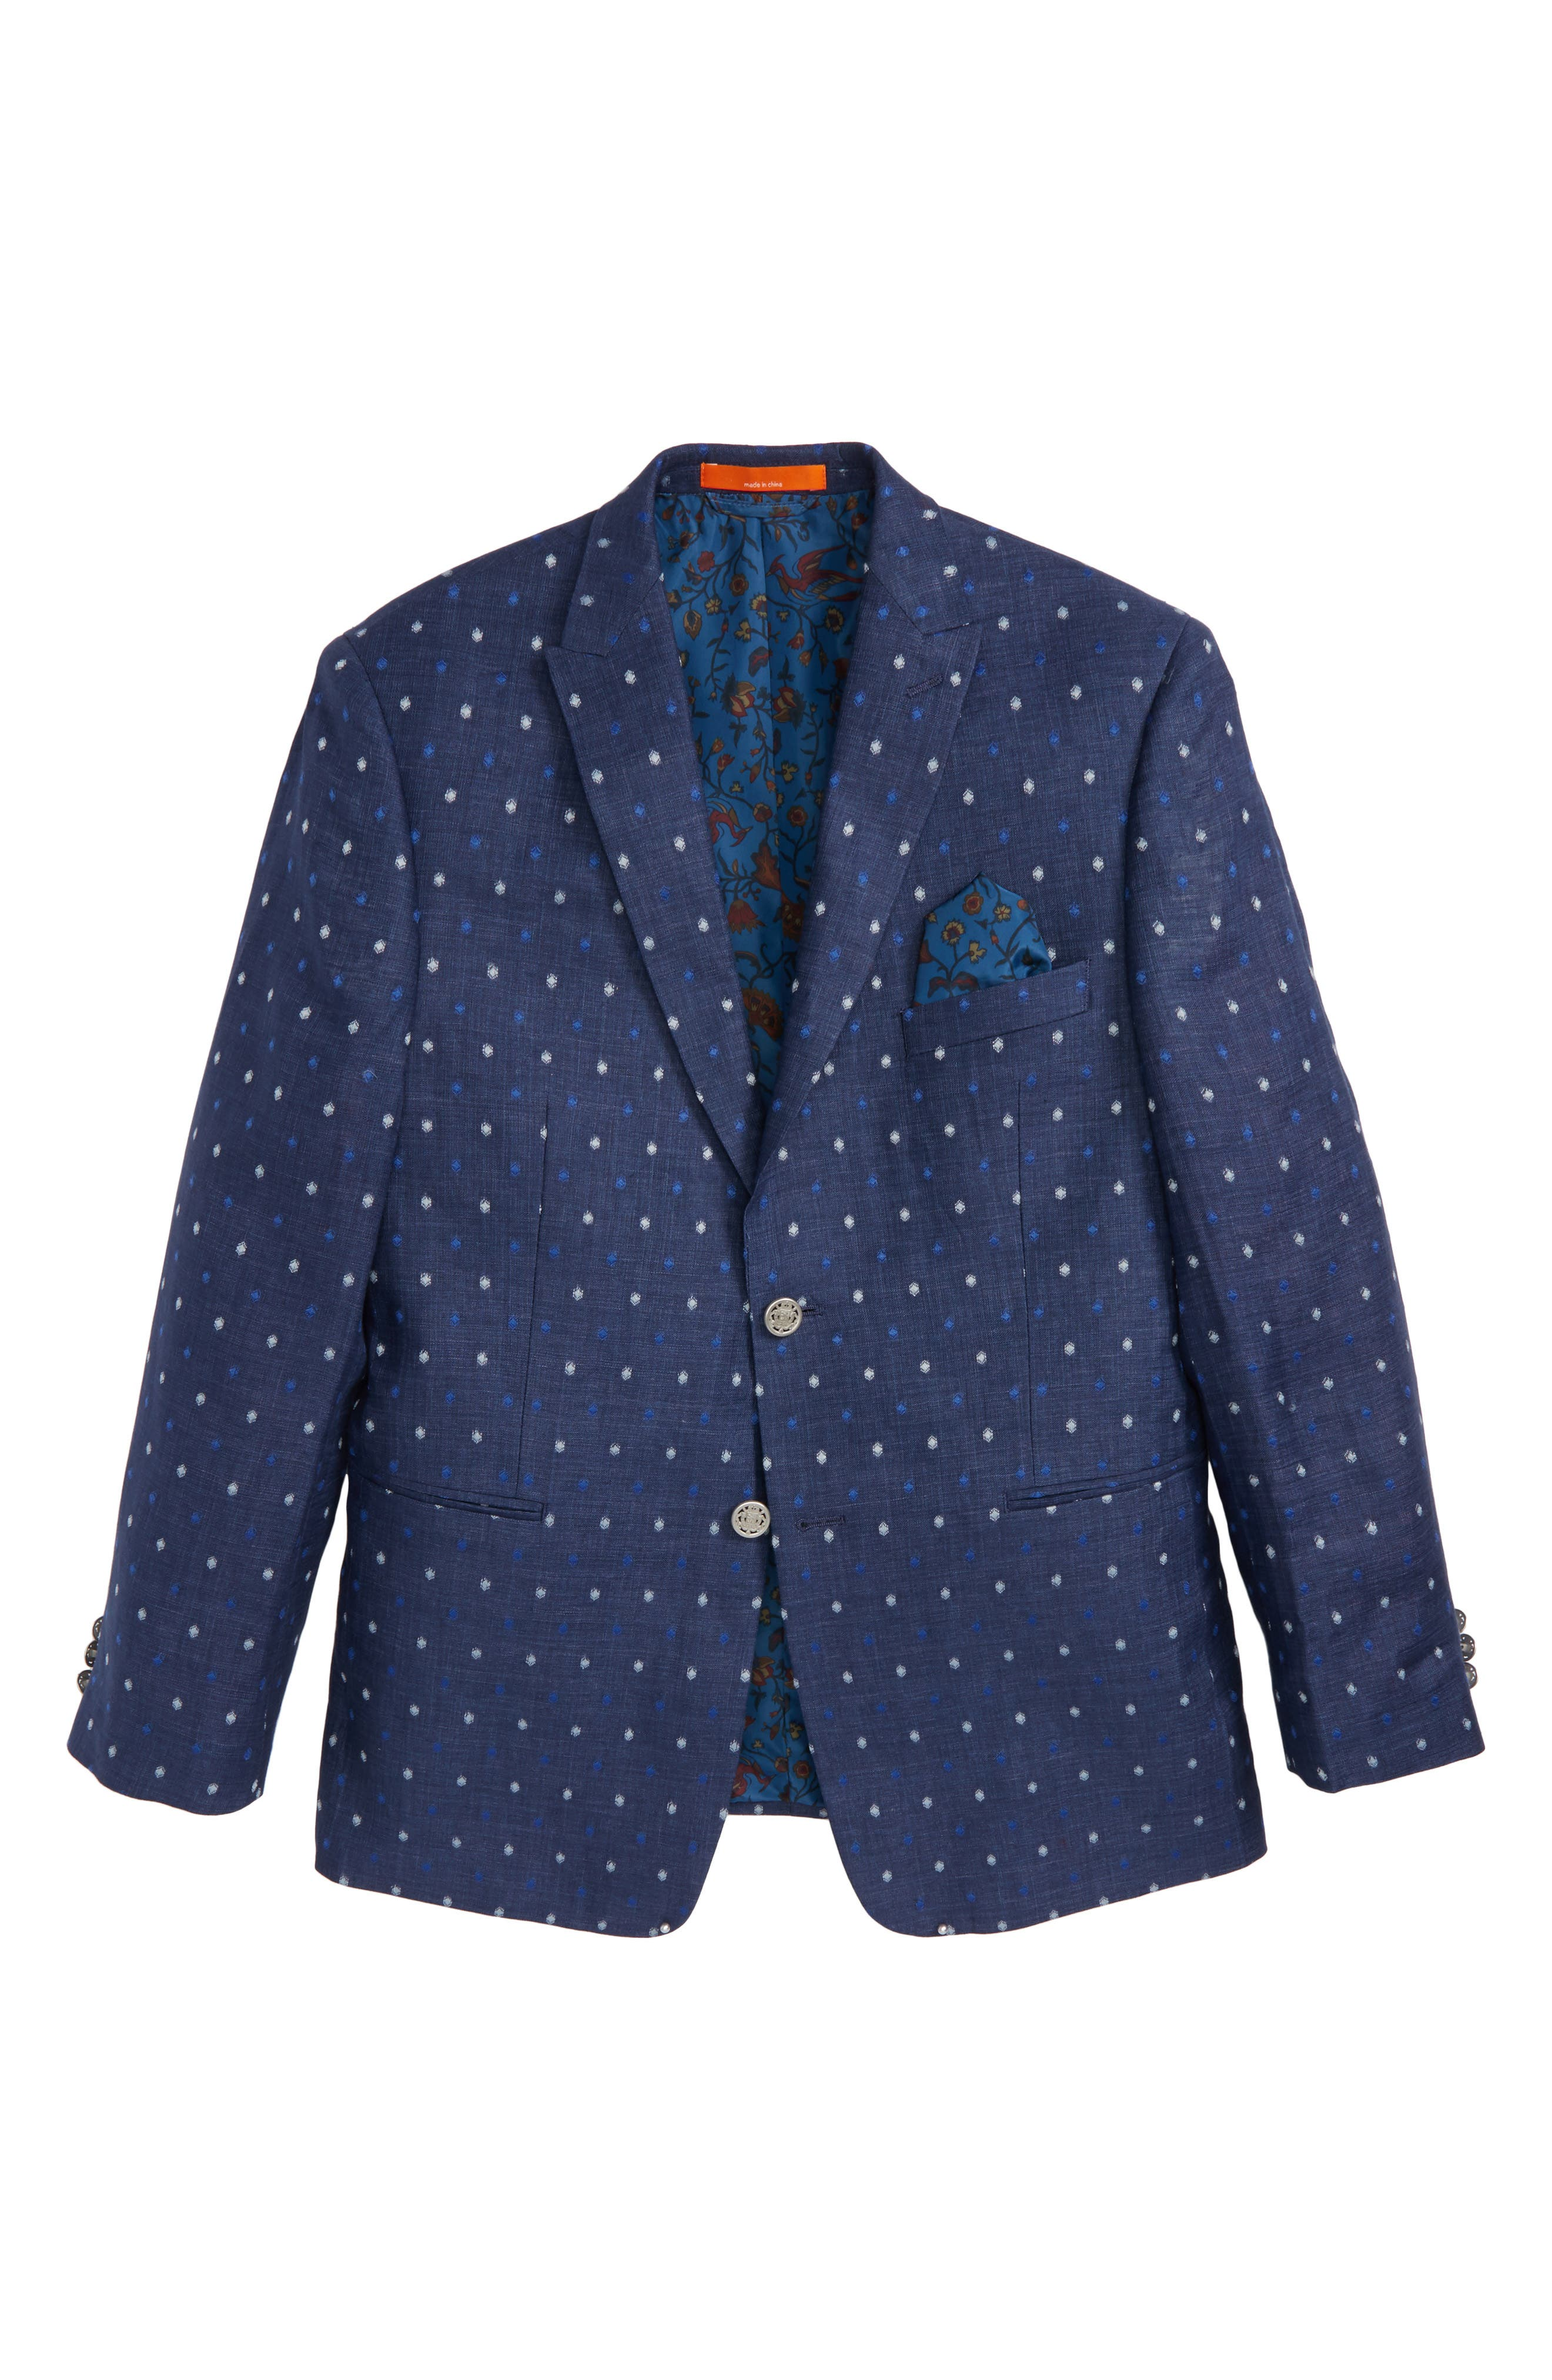 Dot Linen Blazer,                         Main,                         color, Navy/ Blue/ White